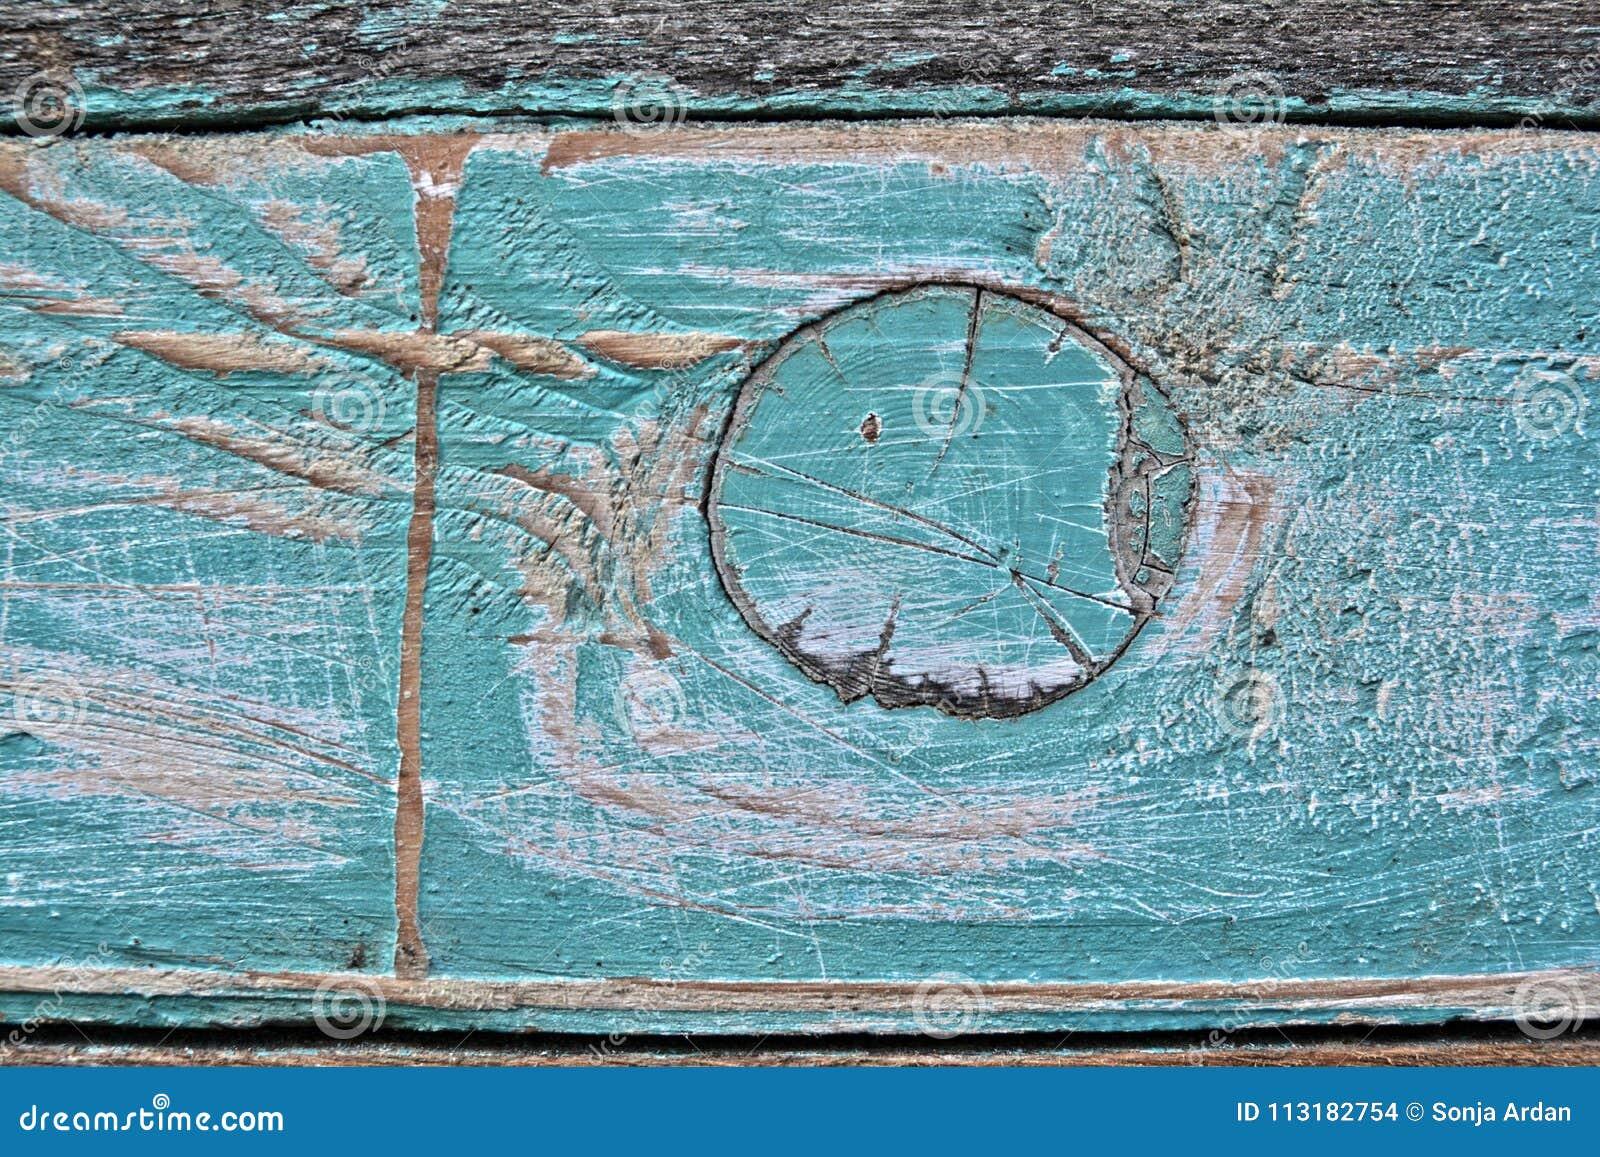 La turquesa es madera coloreada, y se pela el color